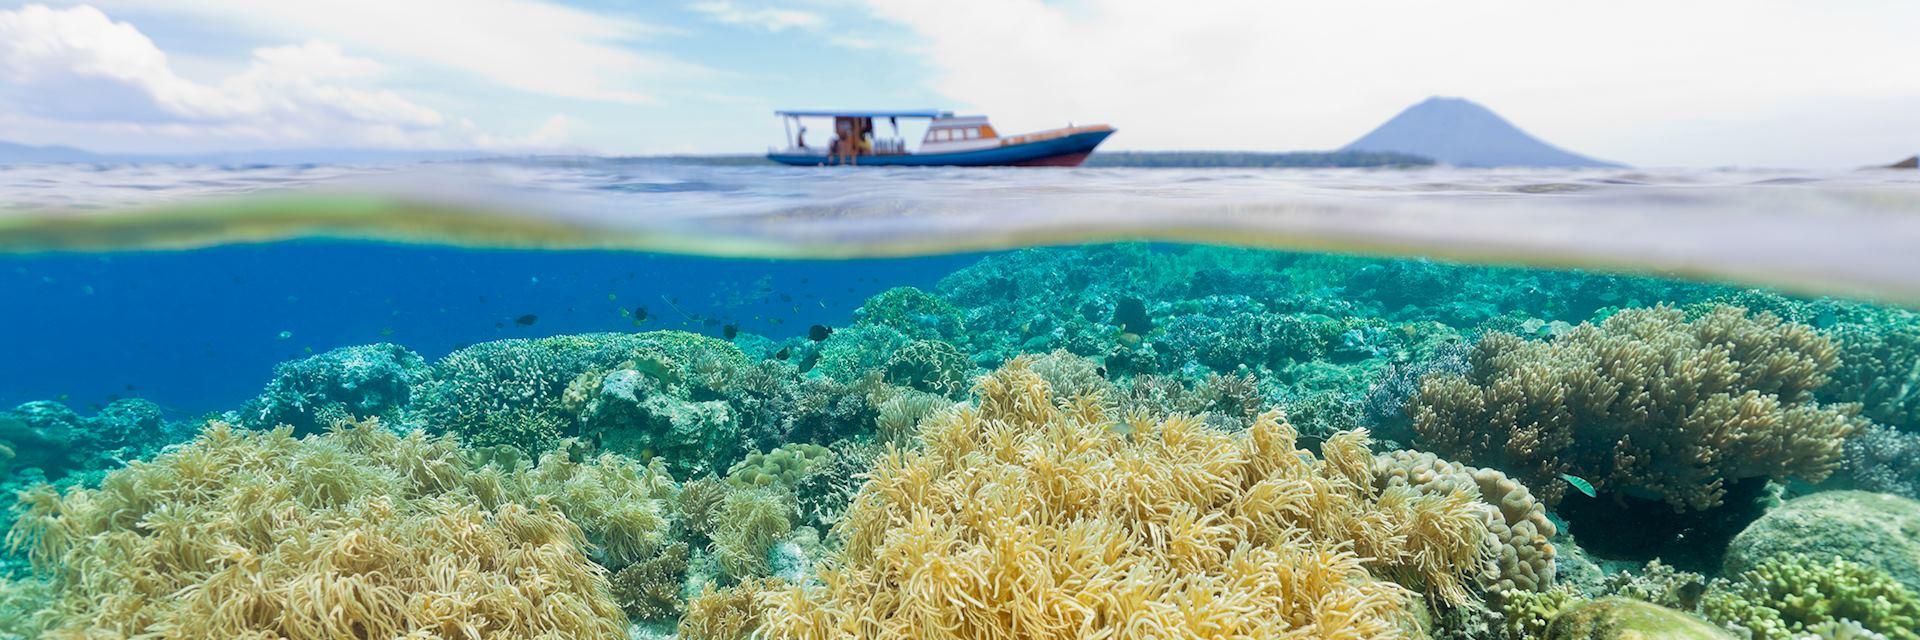 Diving the National Park, Siladen, Bunaken, Manado Tua, Indonesia